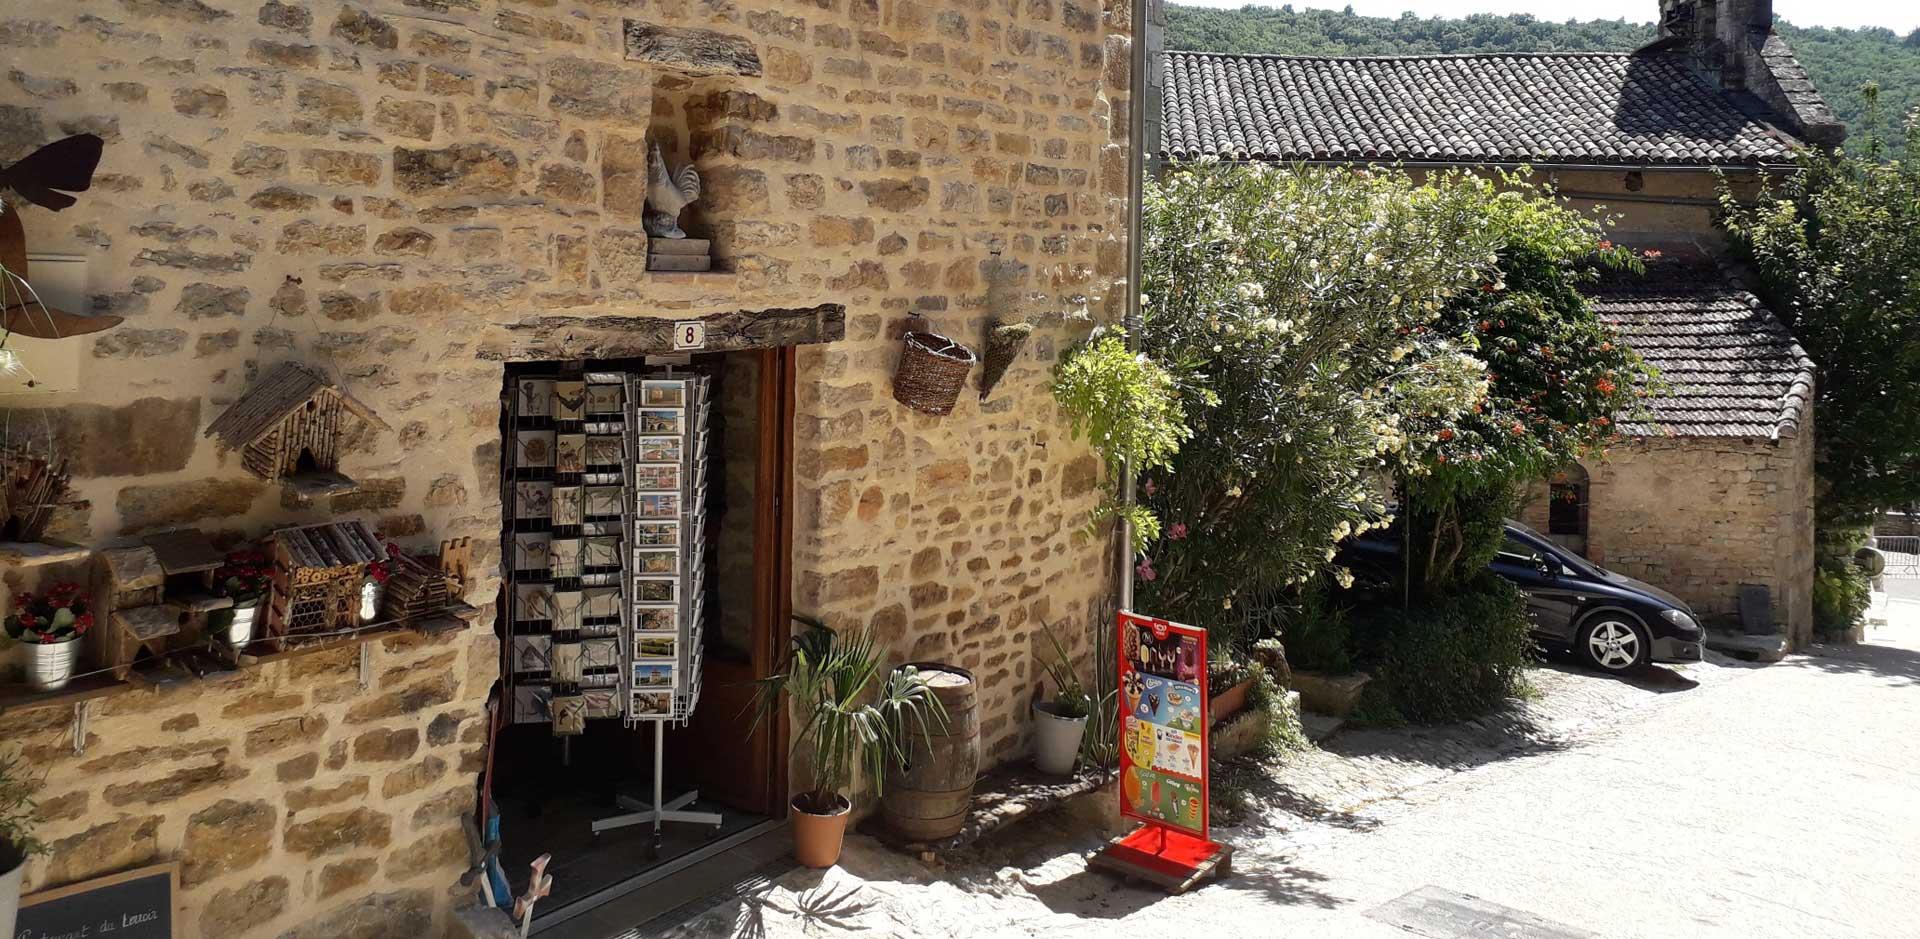 https://i2.wp.com/www.chezpigassou.com/images/Entrer_2_restaurant_chez_pigassou-1.jpg